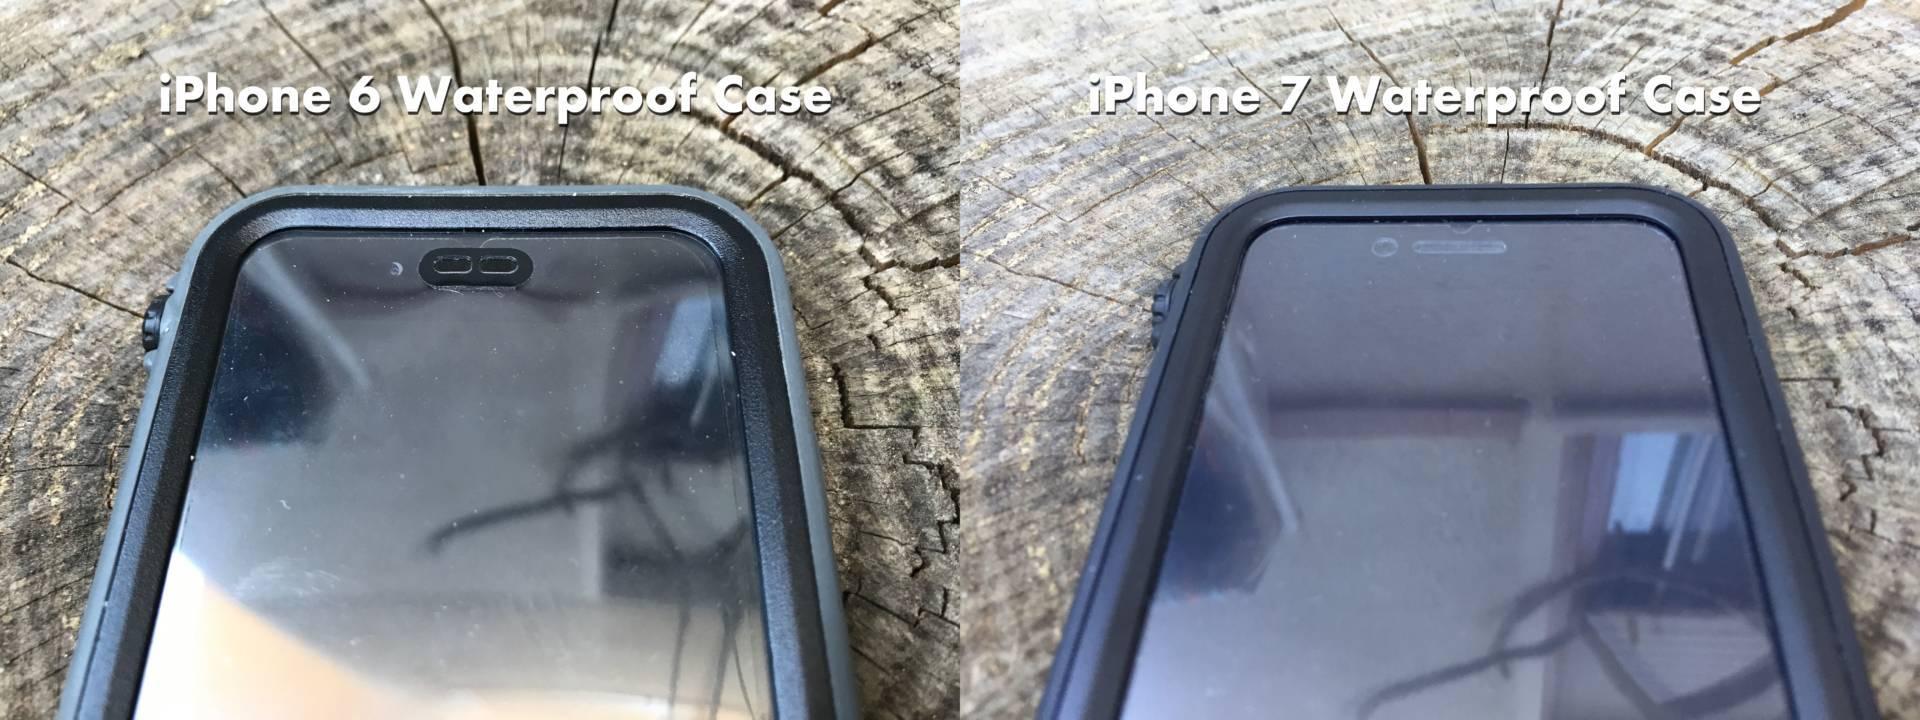 www.italiamac.it catalyst case comparison Catalyst: Il case impermeabile fino a 10 metri per iPhone 7